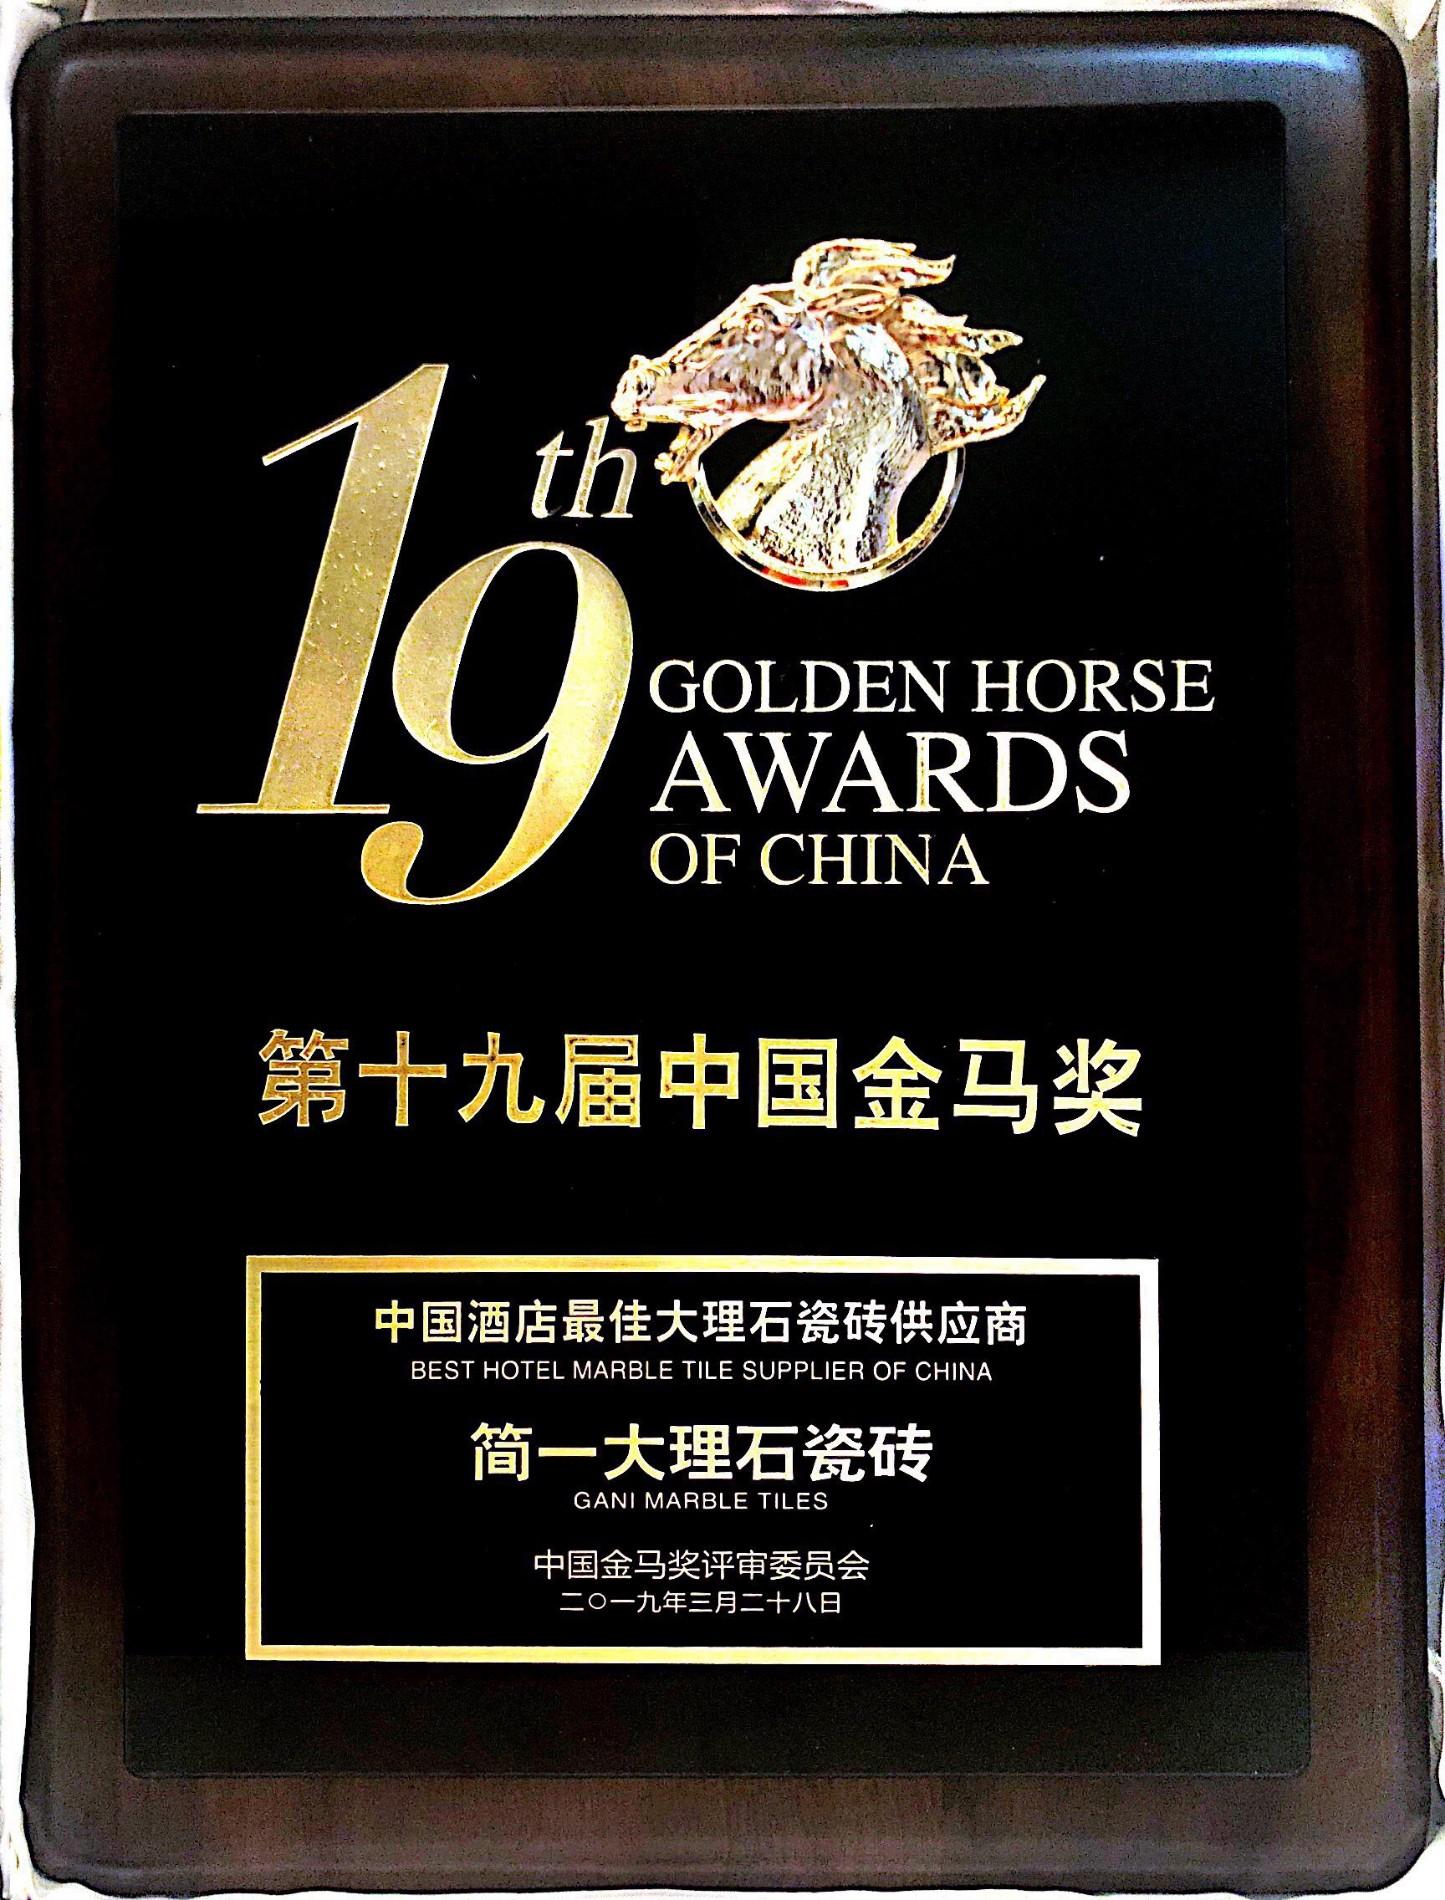 19-е место в номинации «Лучший поставщик мраморной плитки» в Китае